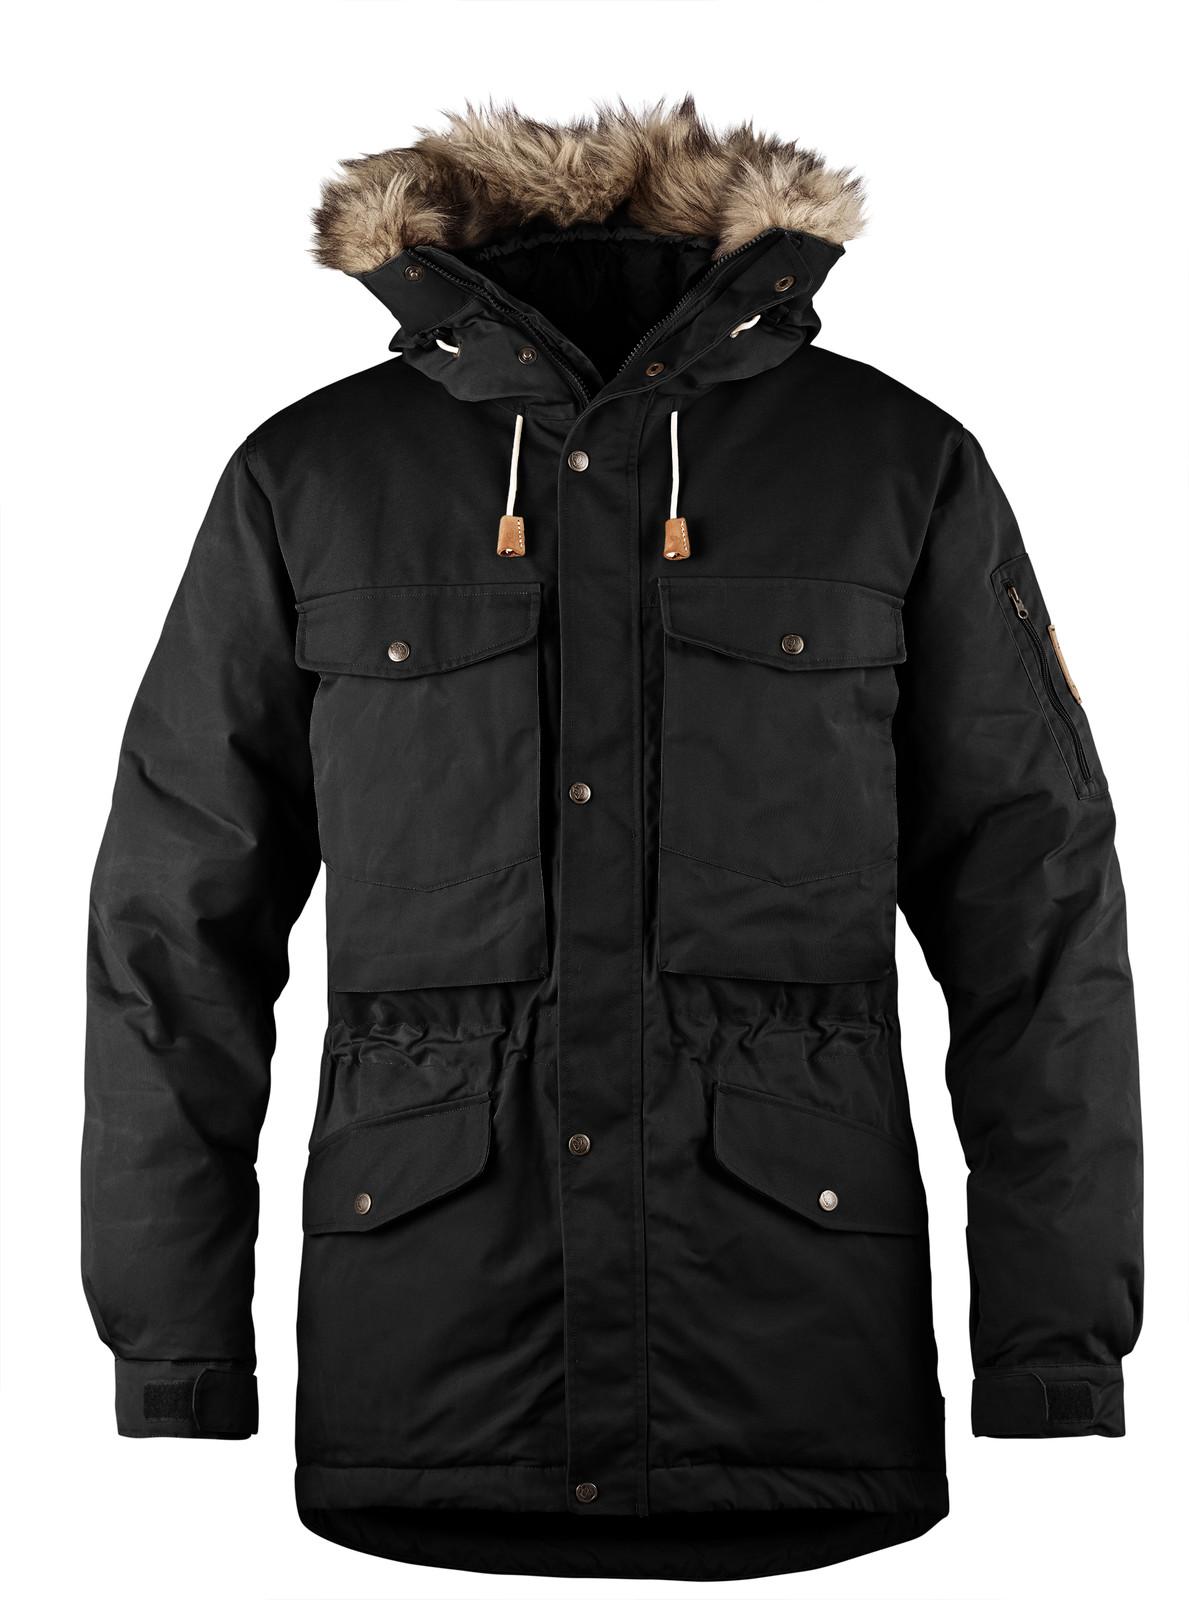 Fjällräven Singi Down Jacket, Men's, Black - F82278-550